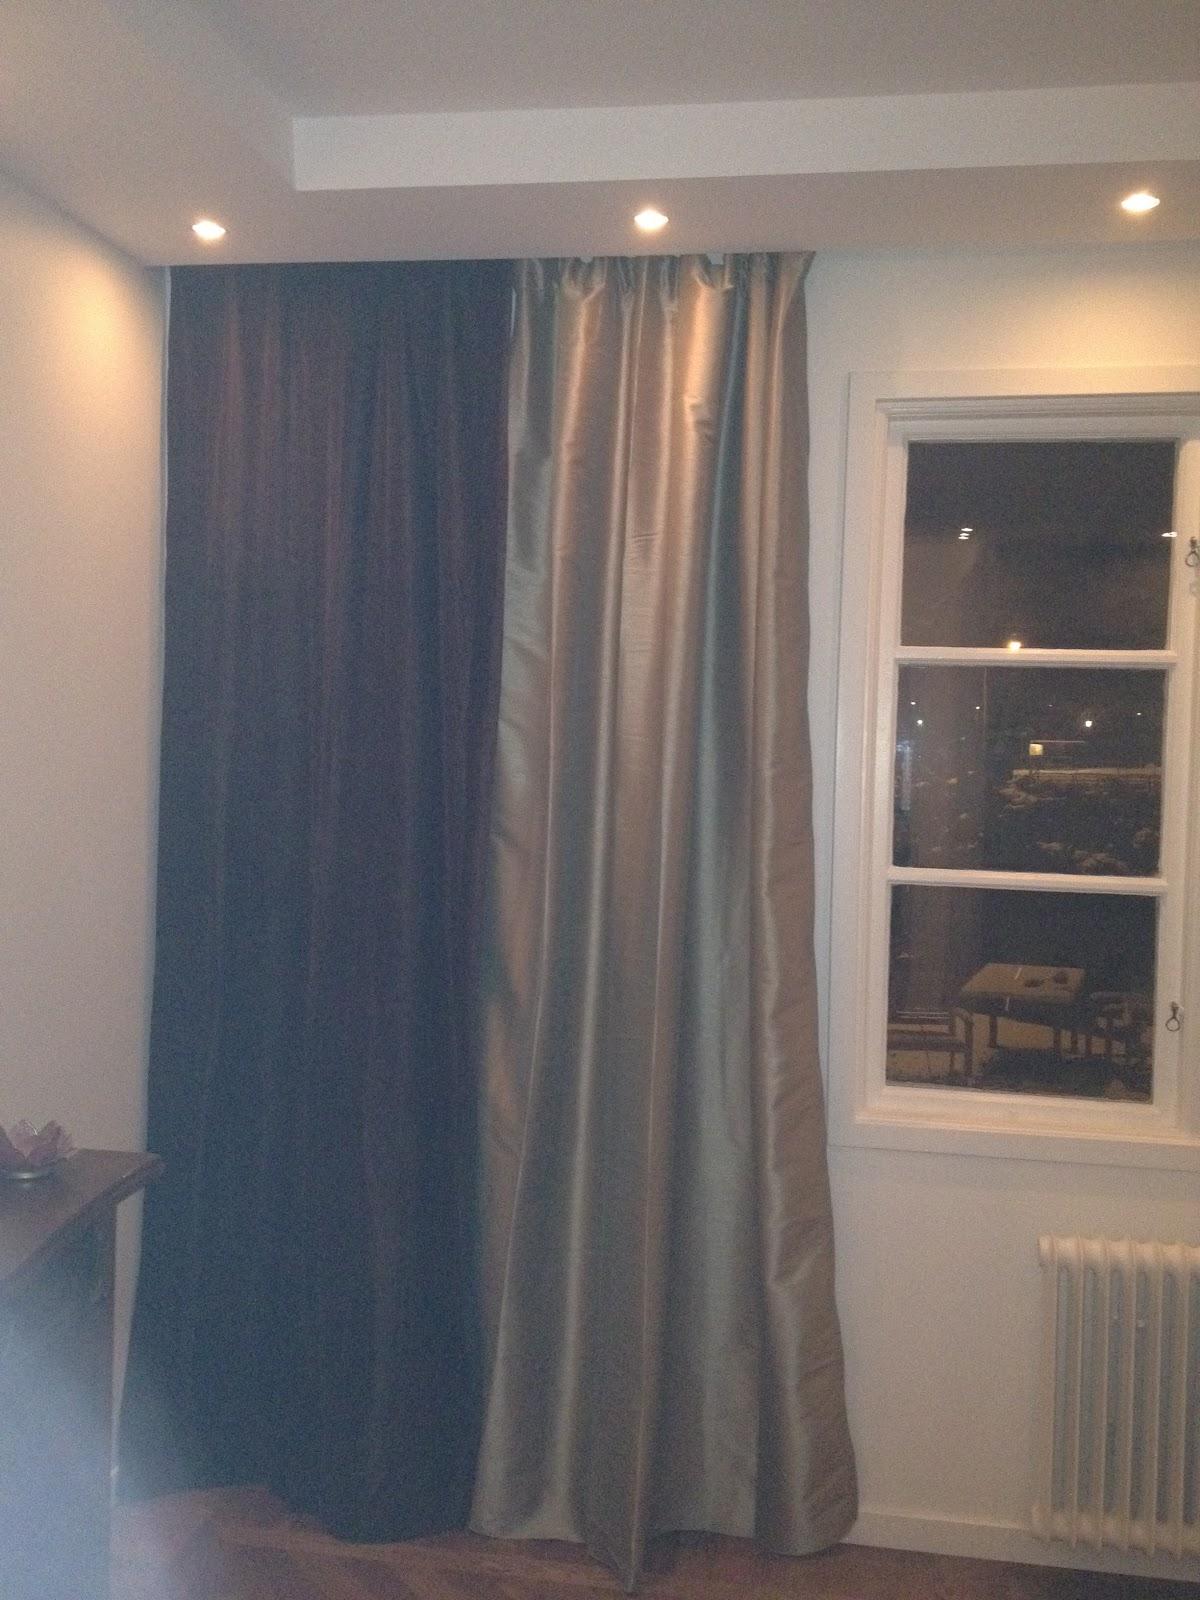 Hus inspiration inredning: gardiner från taket